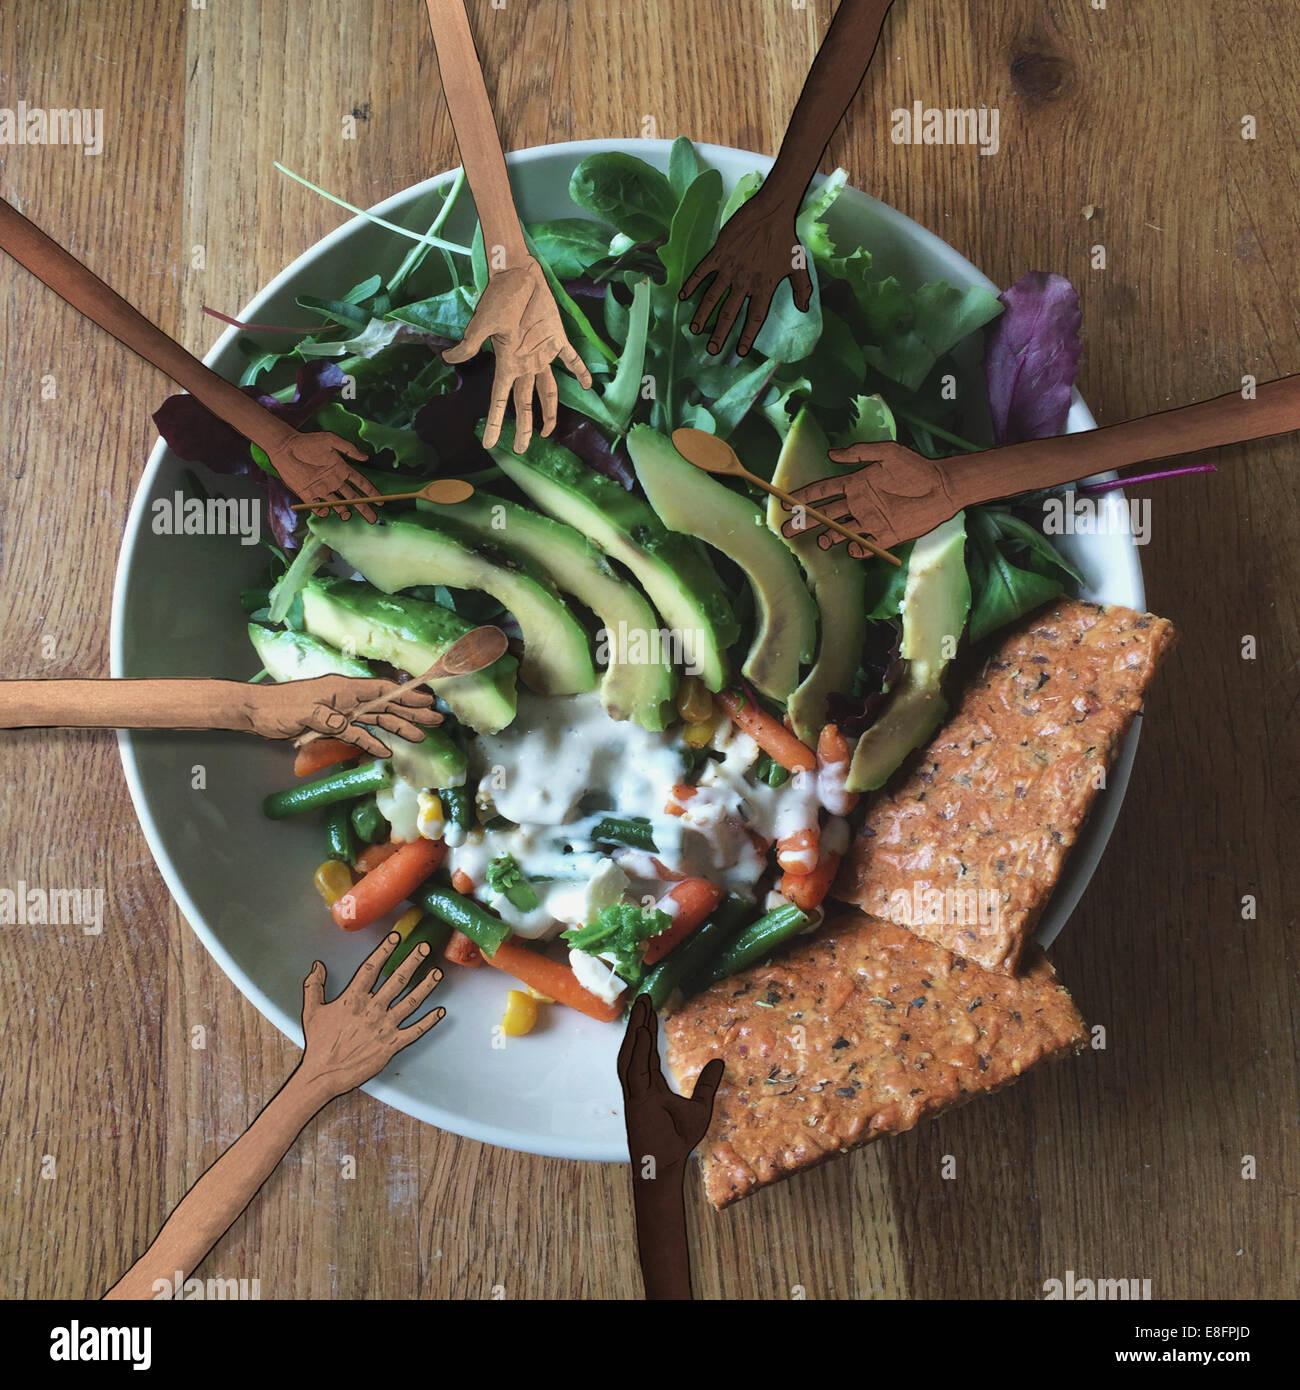 Le mani umane afferrando una sana insalata Immagini Stock